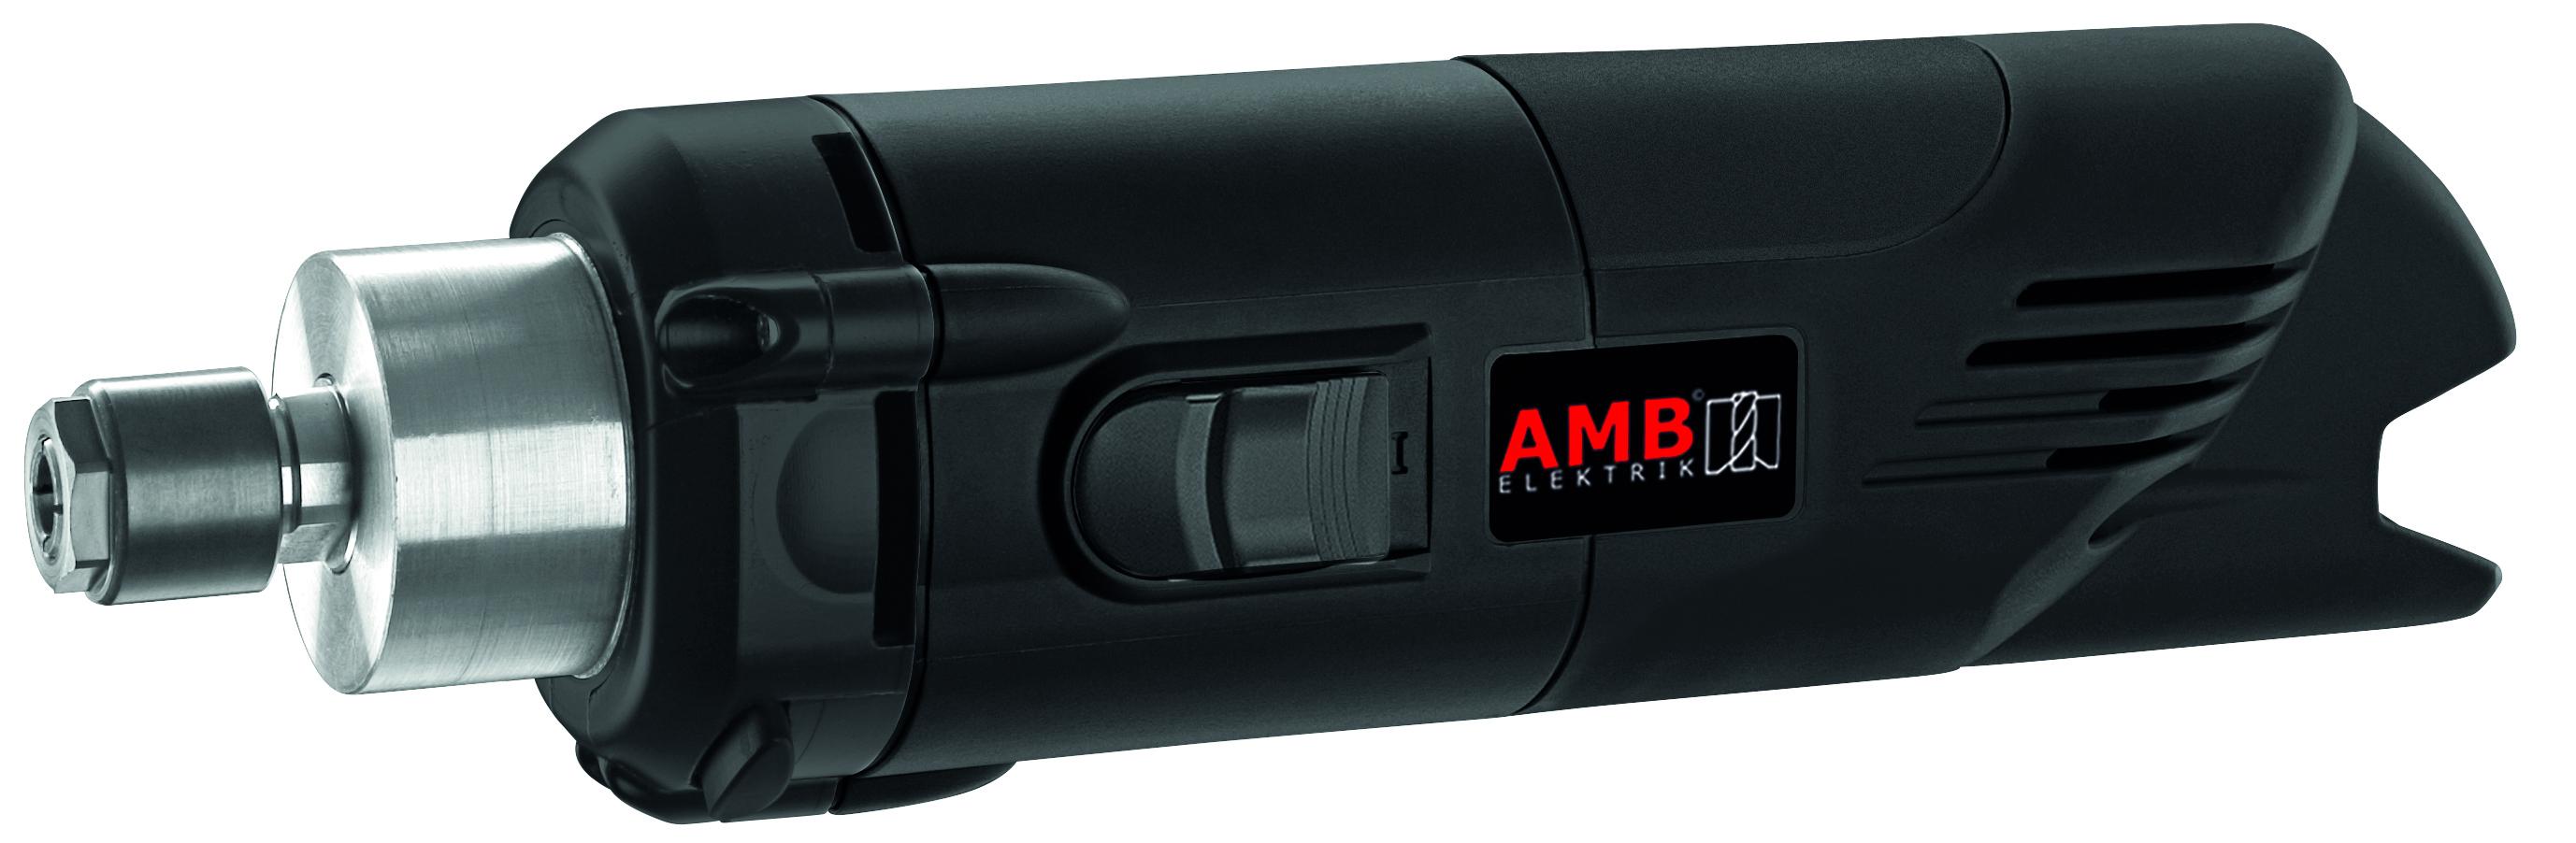 10.000 29.000 1//min. Fr/äsmotor AMB 800 FME 800 W